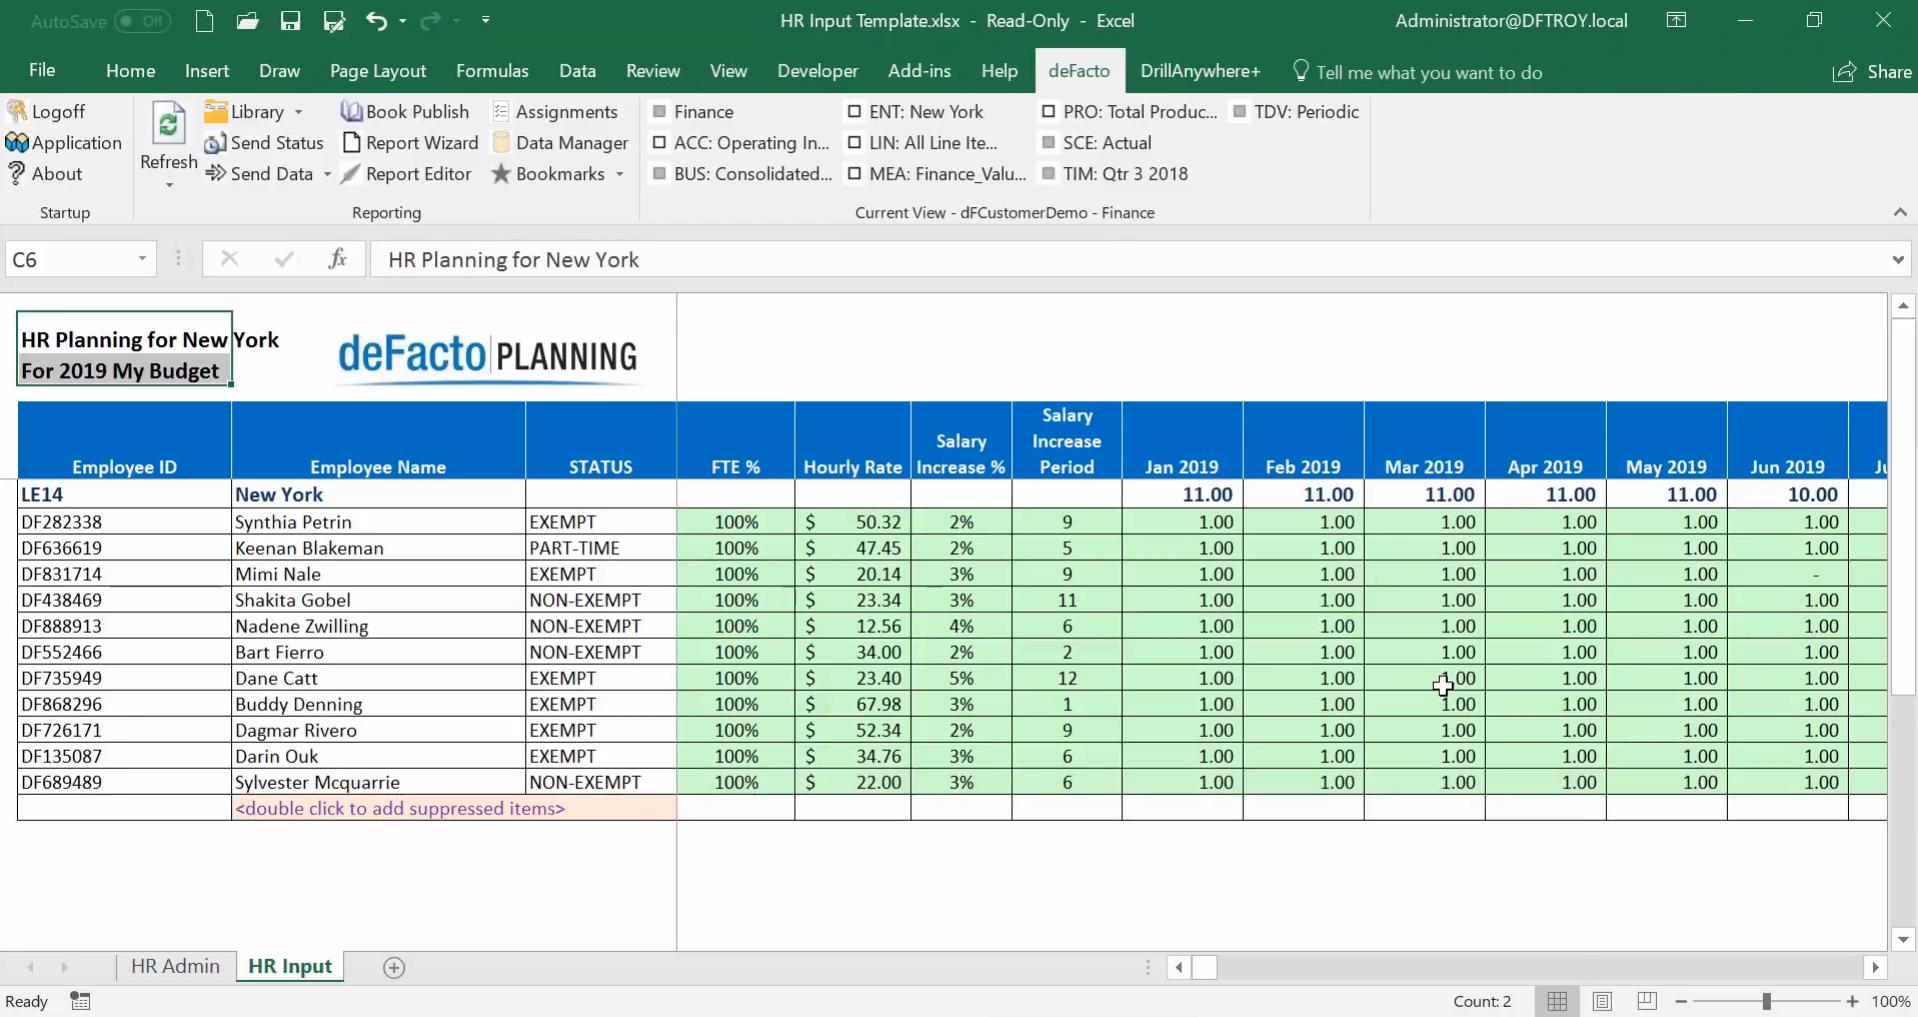 deFacto Planning Demo - HR Planning